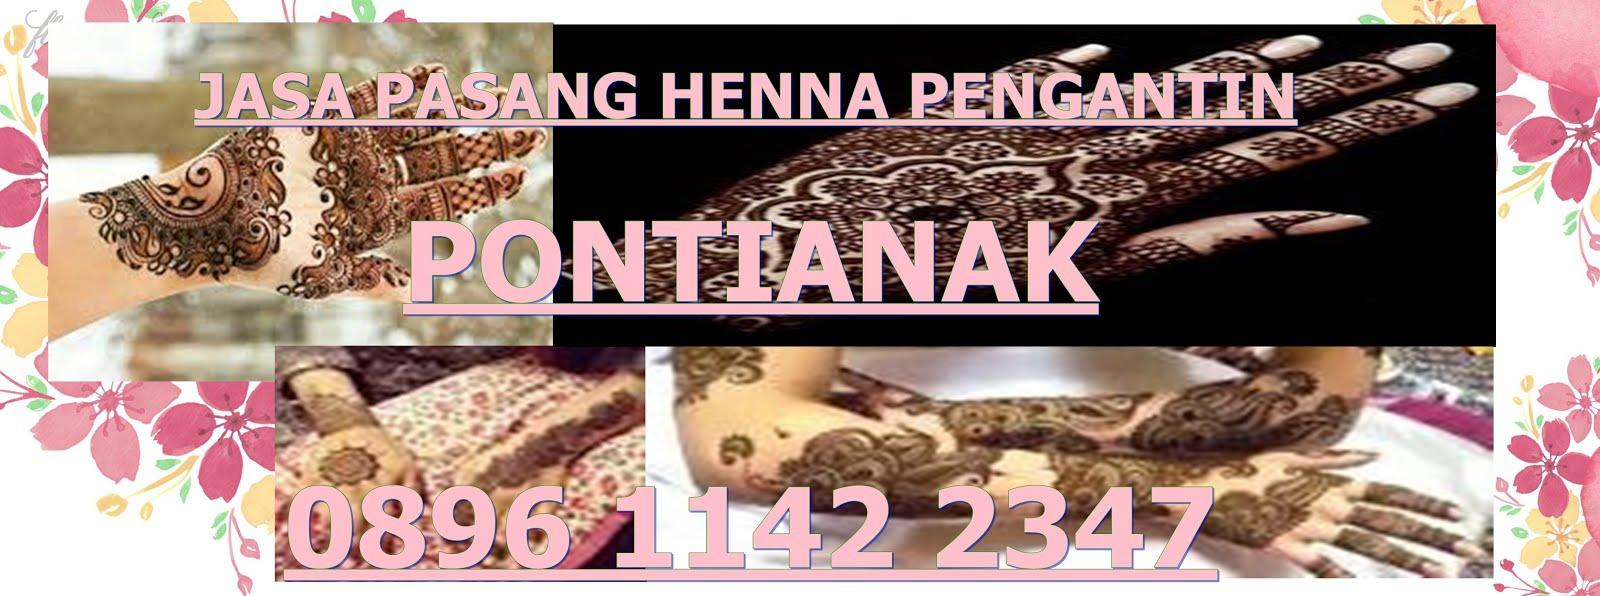 Henna Pernikahan Pontianak 089611422347 Jasa Pasang Henna